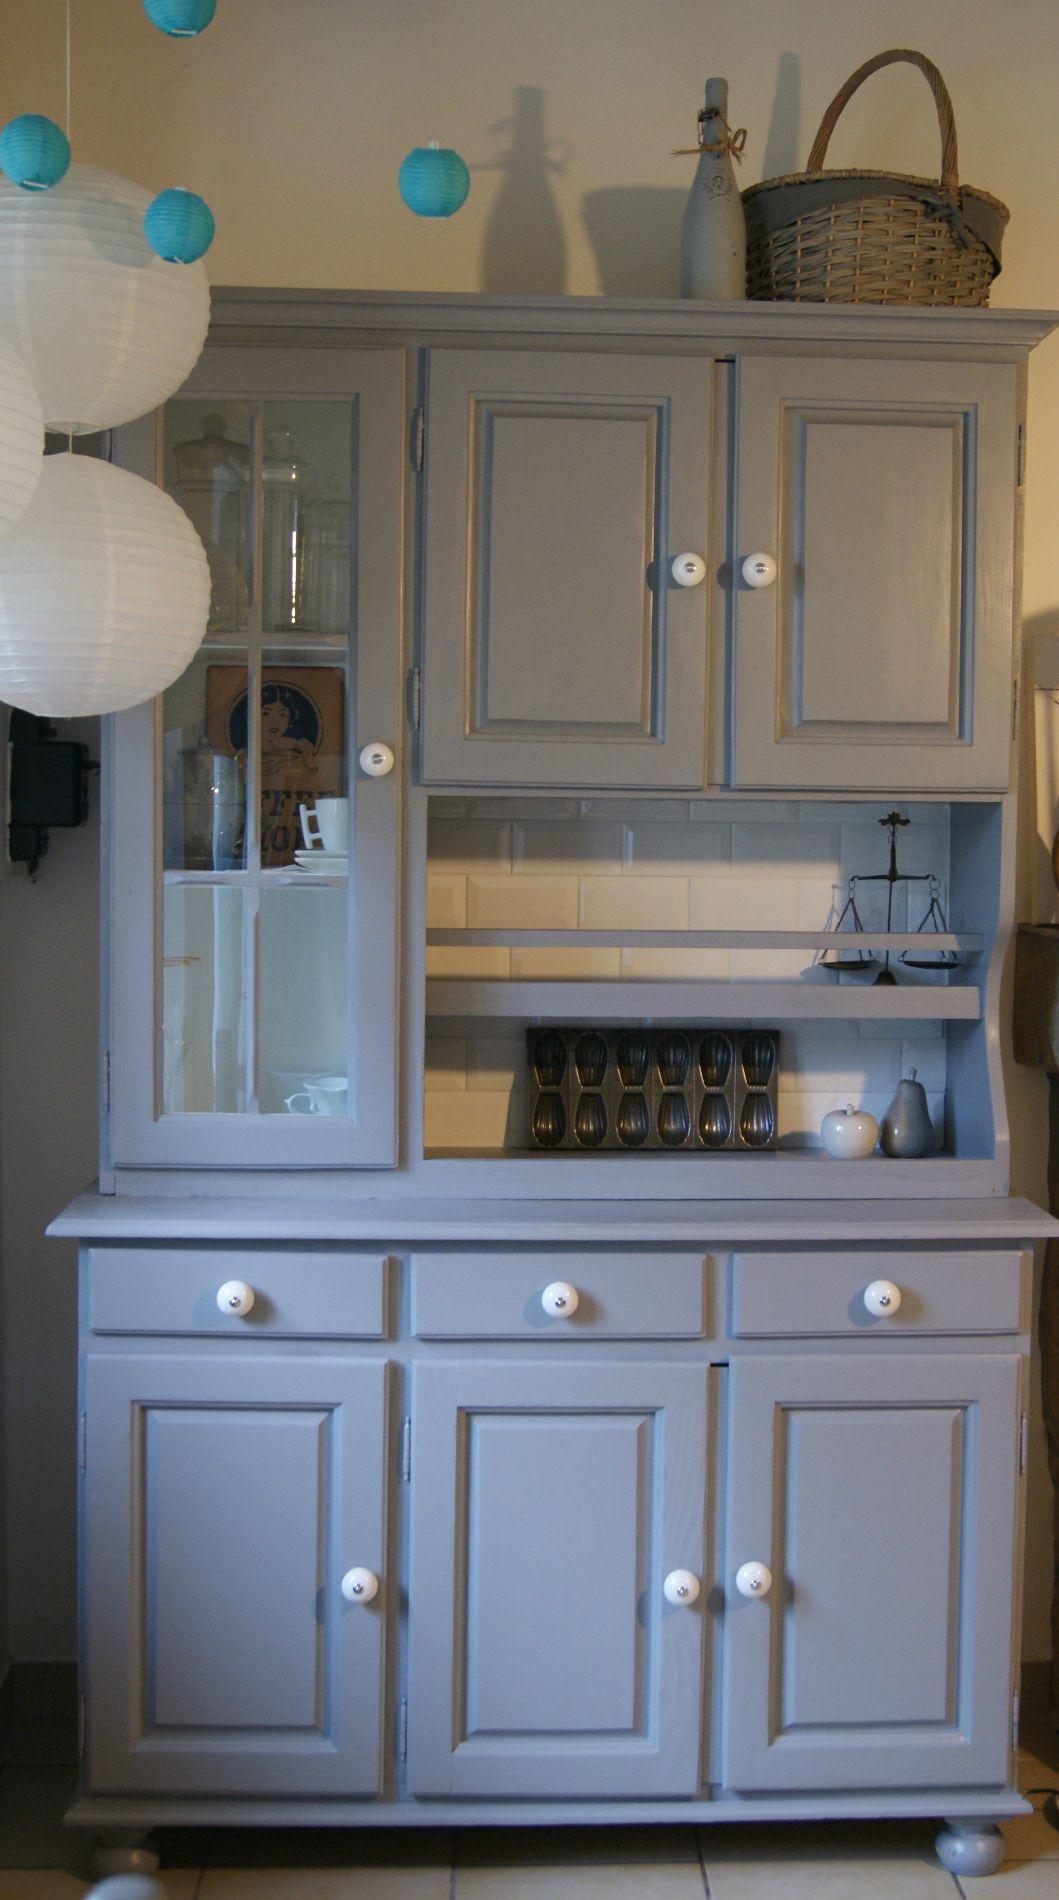 relooker transformer modifier son mobilier moindre co t conducteurs ann es 90 et p cheur. Black Bedroom Furniture Sets. Home Design Ideas